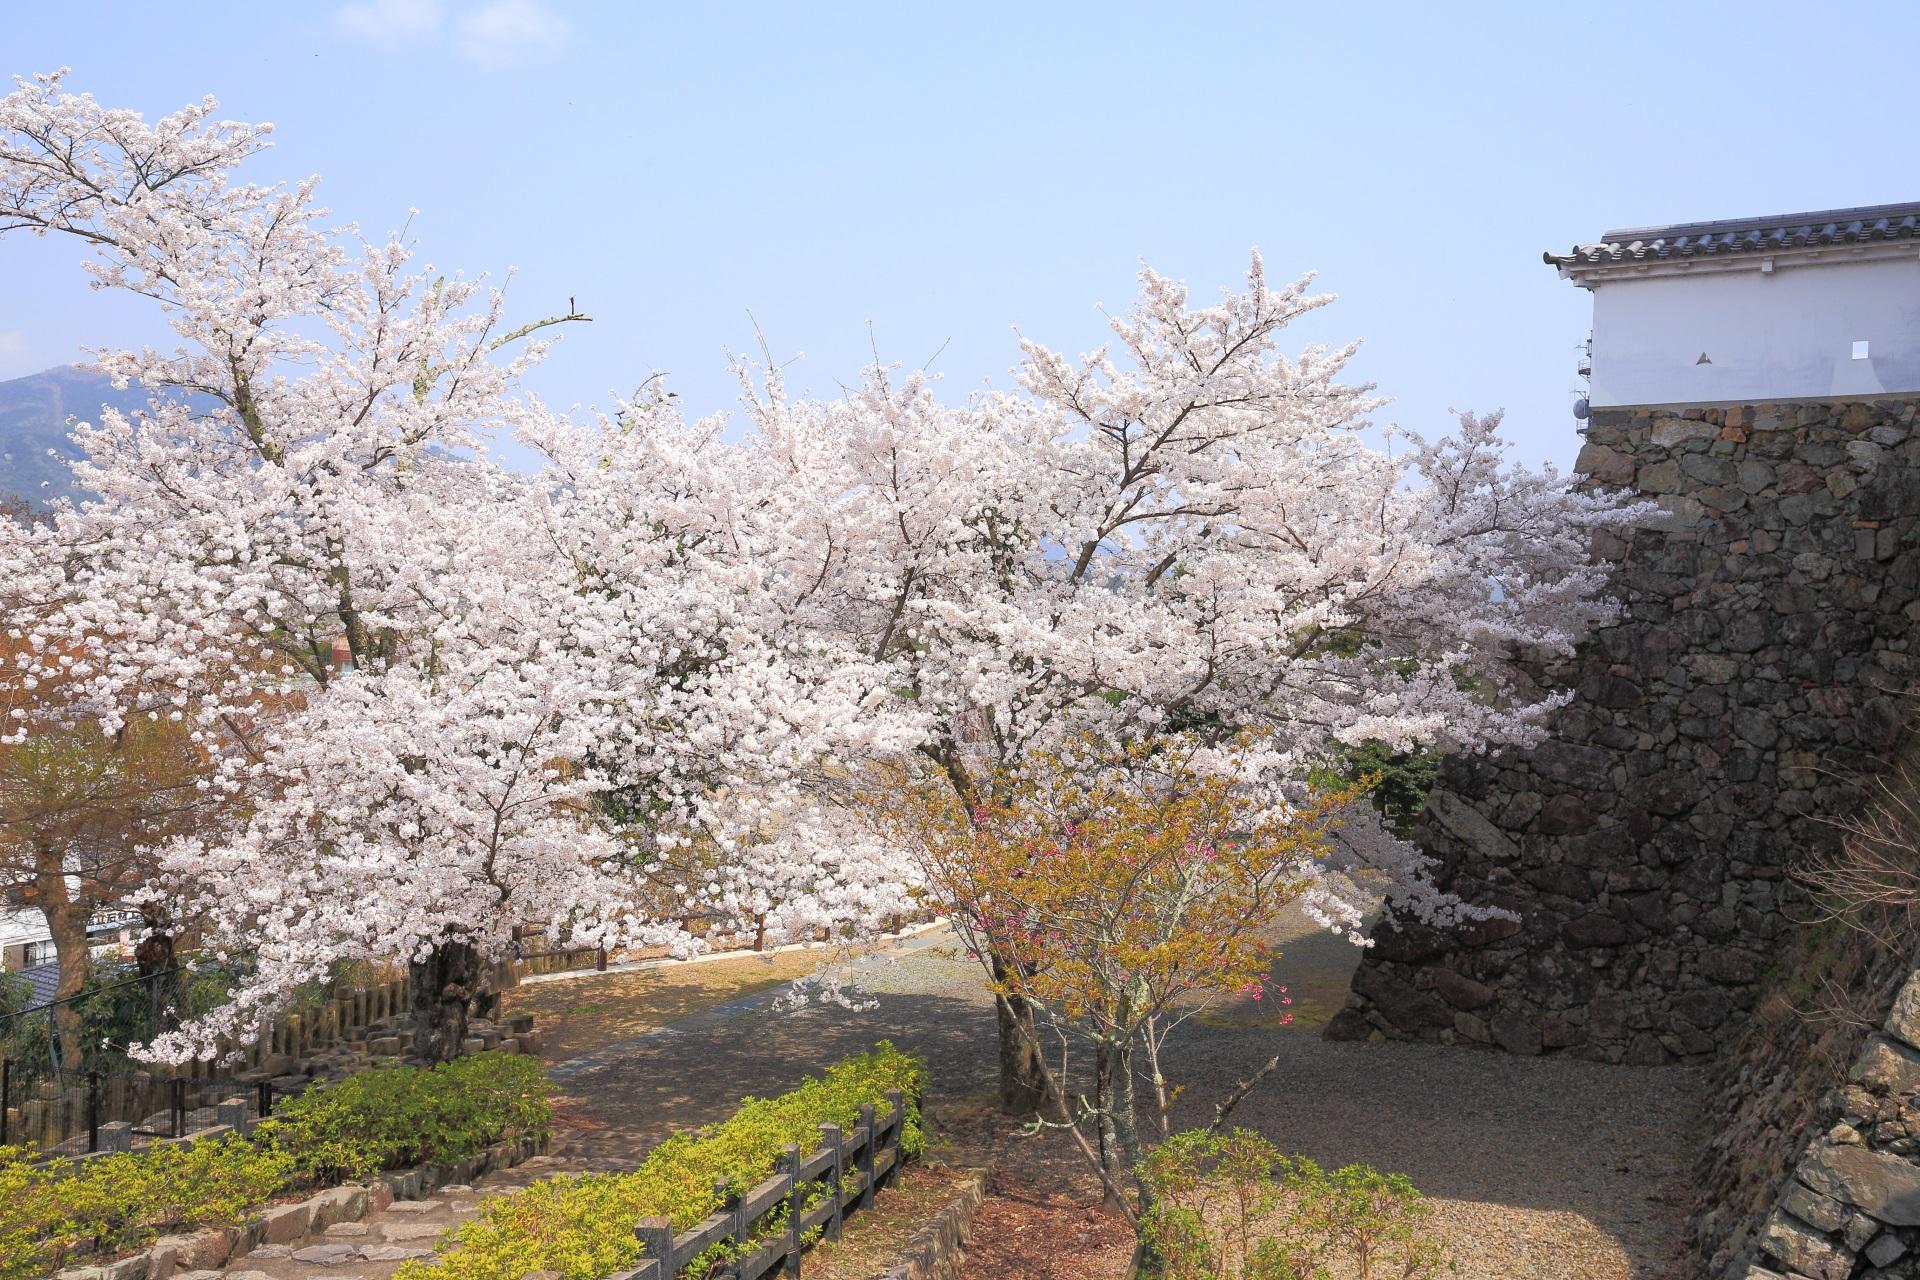 福知山城の西側の二の丸の桜